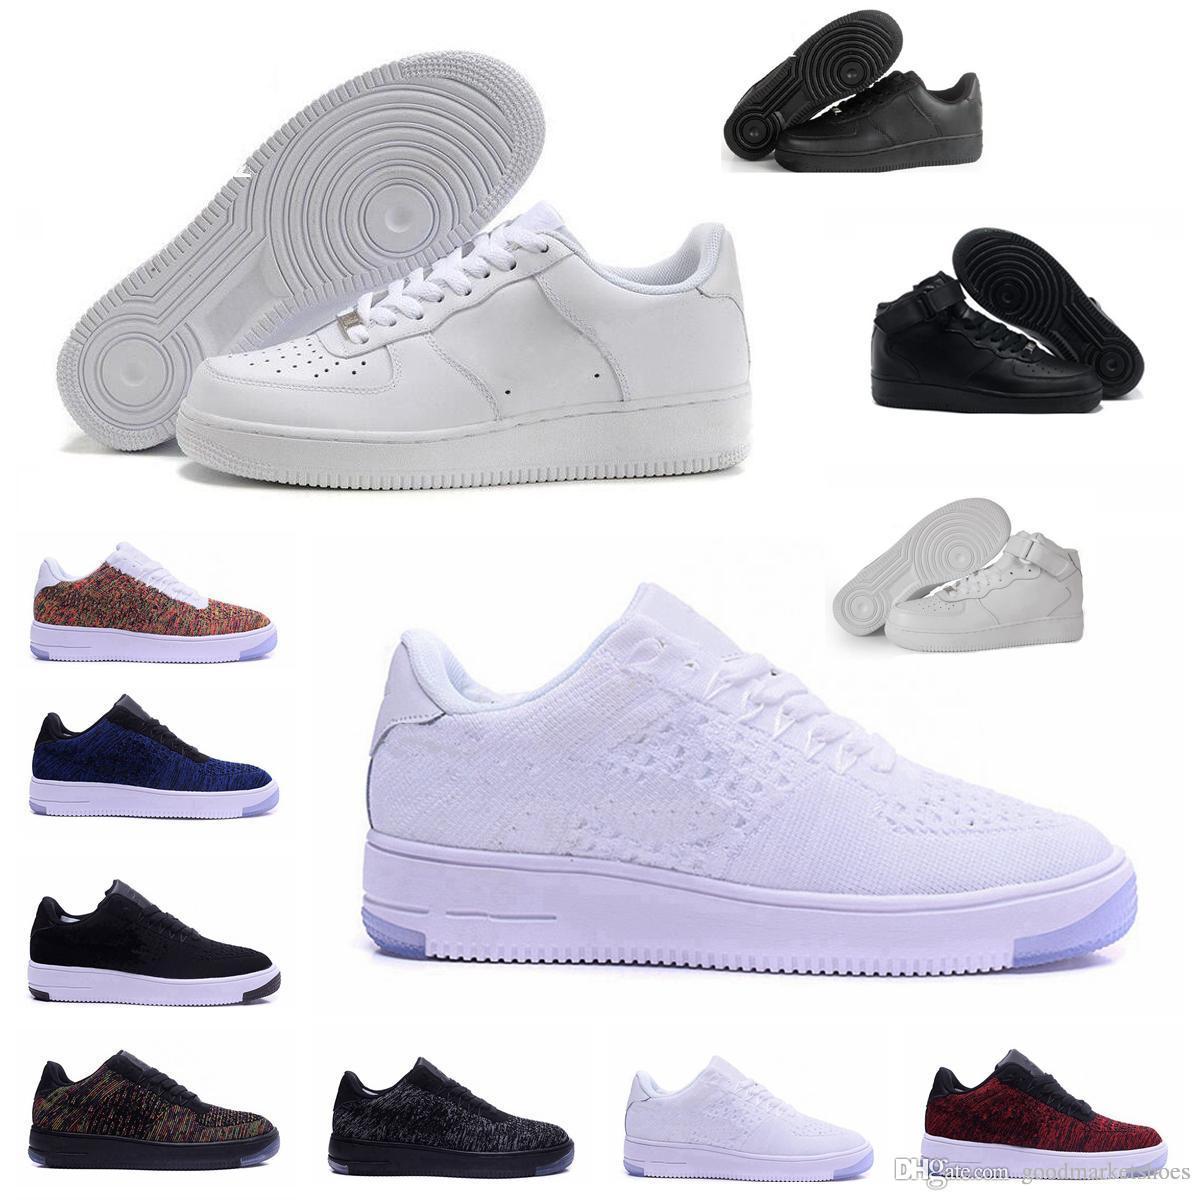 Großhandel 2019 Nike Air Force One 1 Af1 Mode Männer Schuhe Low One 1 Männer Frauen China Freizeitschuh Fly Designer Royums Typ Atmen Skate Stricken